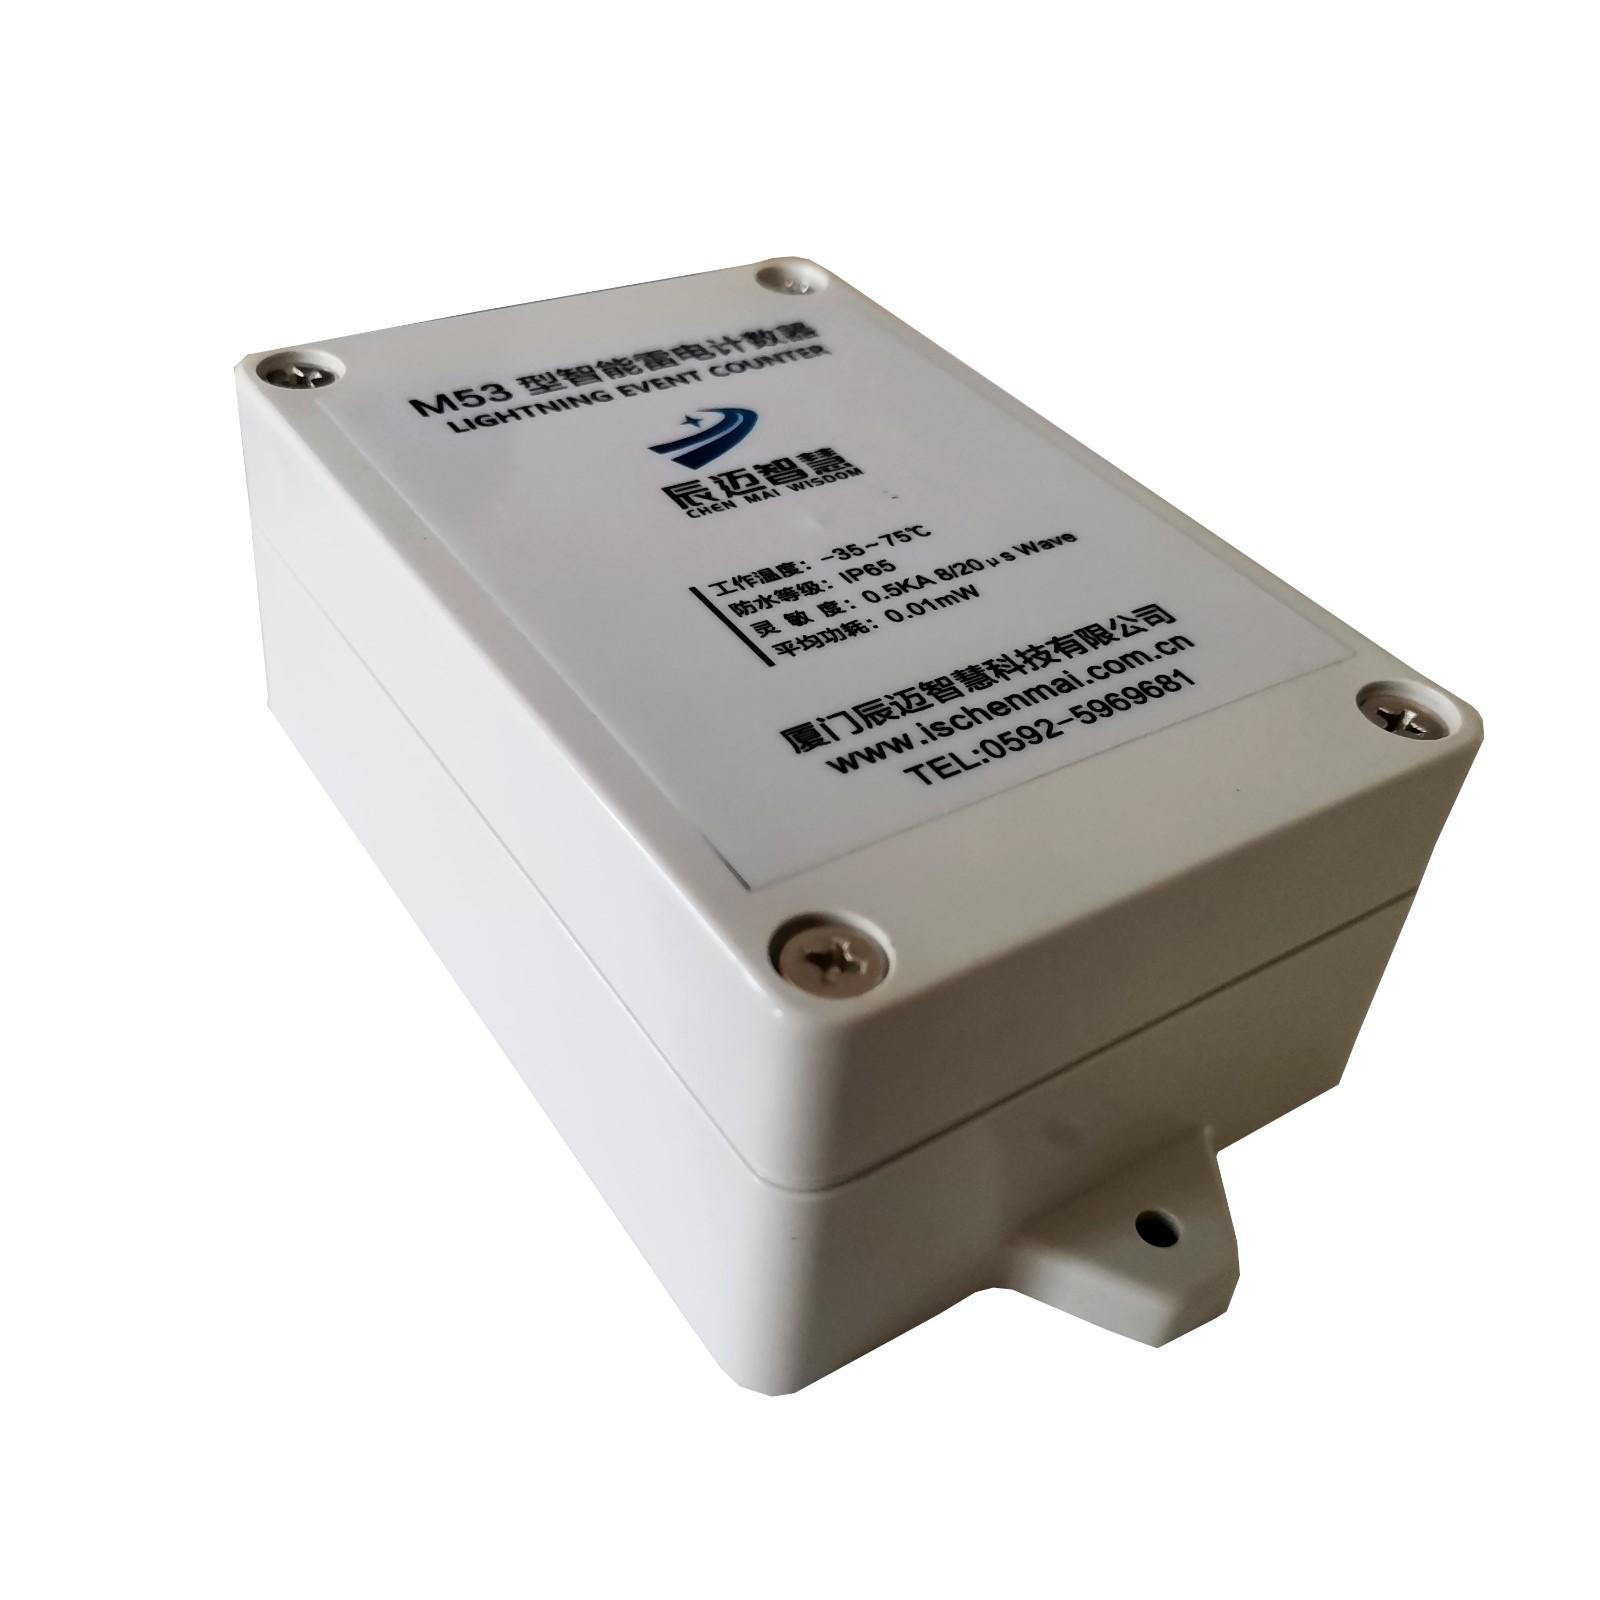 優質監測儀器品牌_智能自動化成套控制系統-廈門辰邁智慧科技有限公司